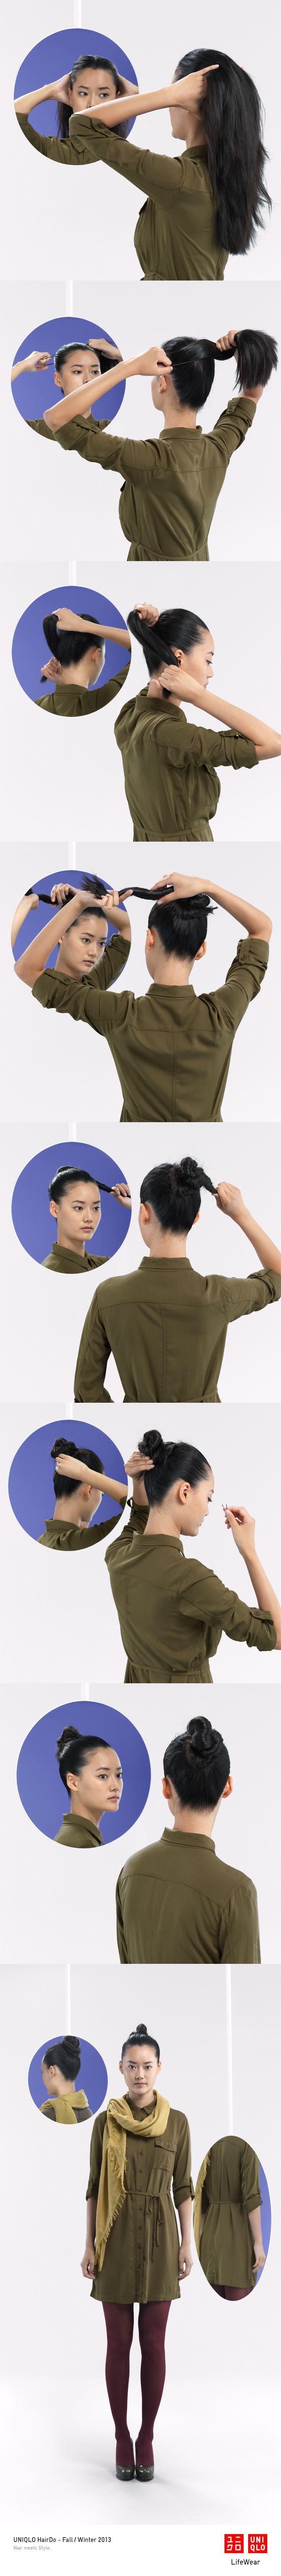 The Lily Knot - Ideal für viele Gelegenheiten. Dieses Brötchen passt gut zu unserem Seidenkleid und Schal. #Brötchen #Haar #Frisur #DIY #Uniqlo